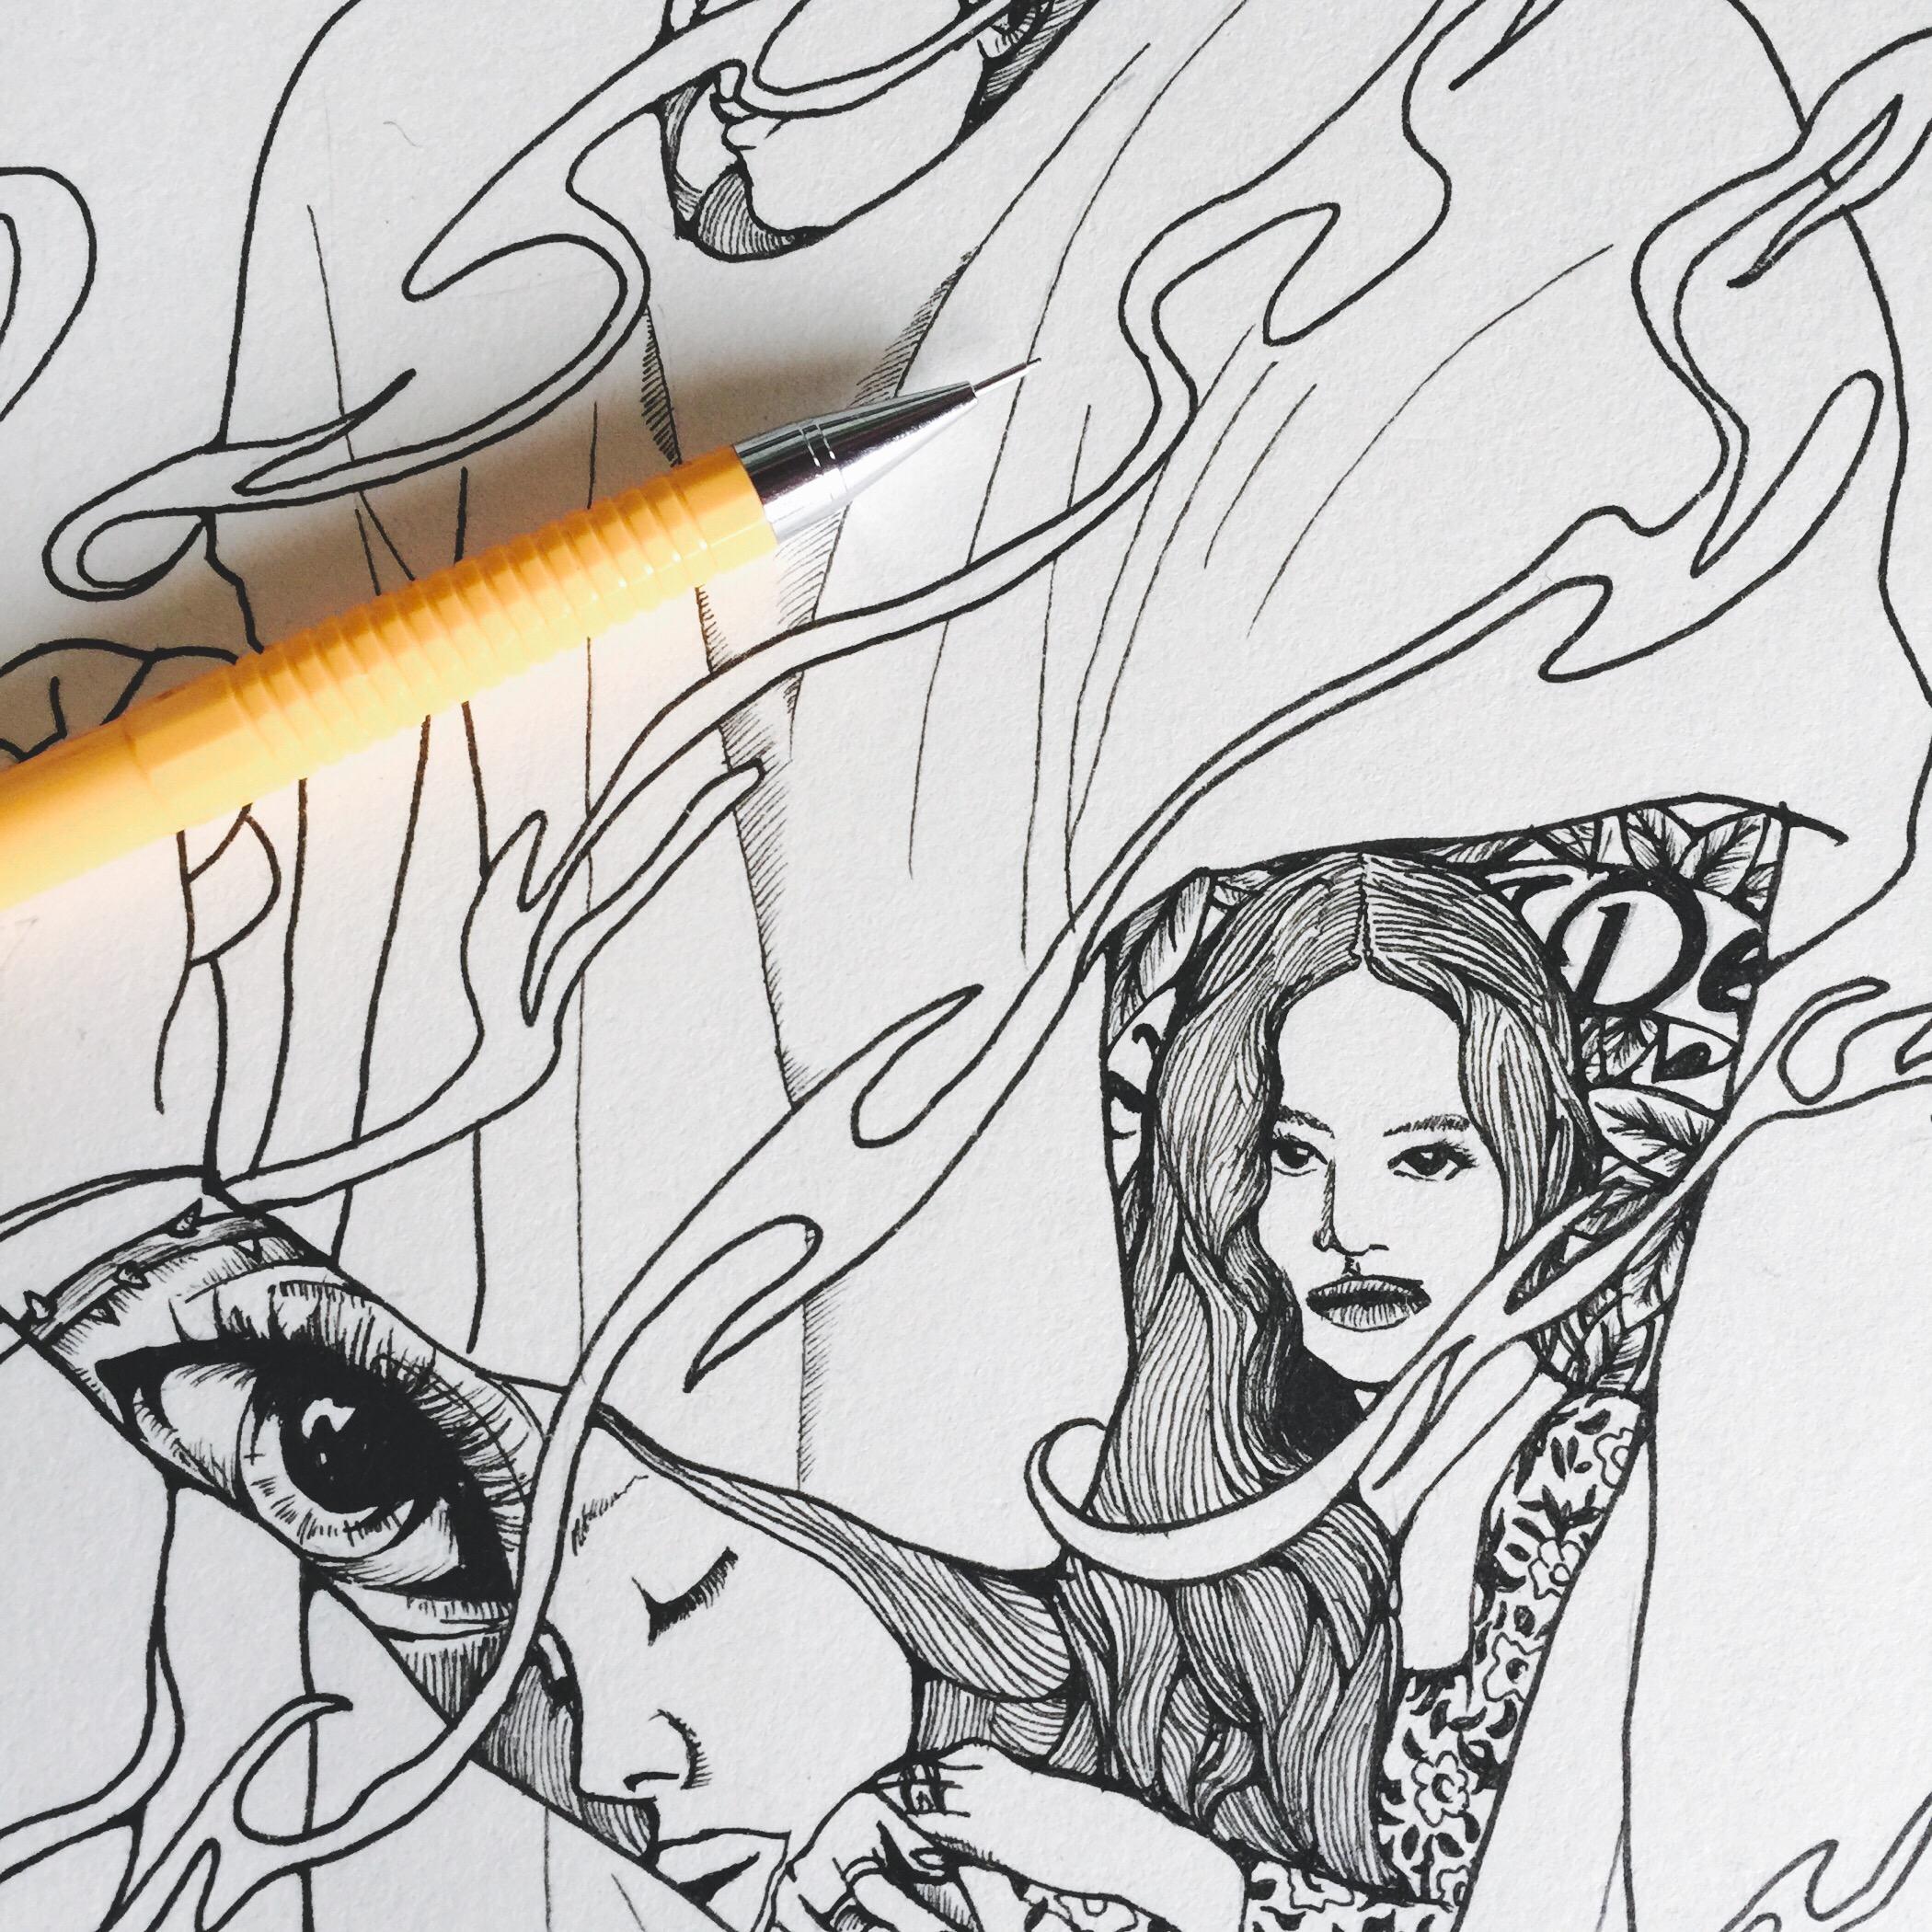 动漫 简笔画 卡通 漫画 手绘 头像 线稿 2100_2100